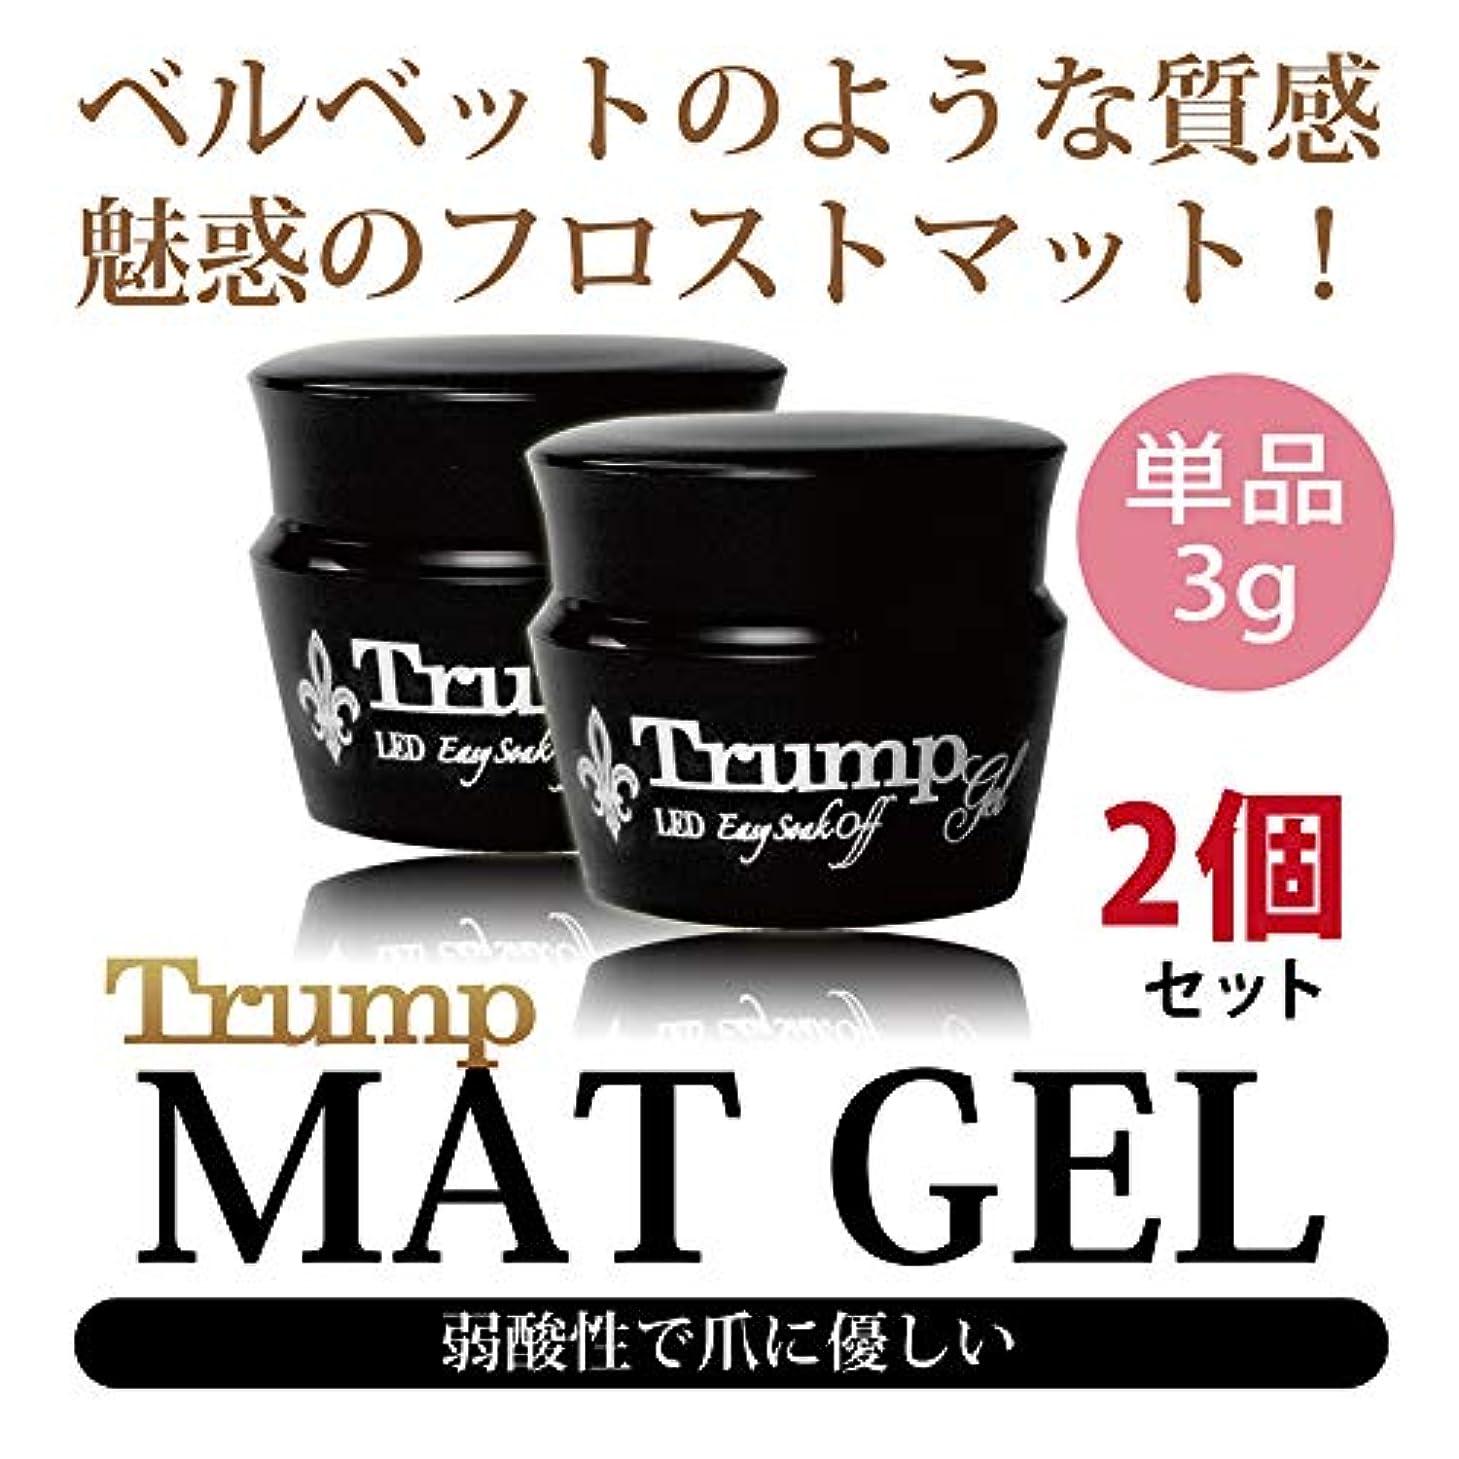 平日極小ではごきげんようTrump gel マットトップジェル 3g 2個セット